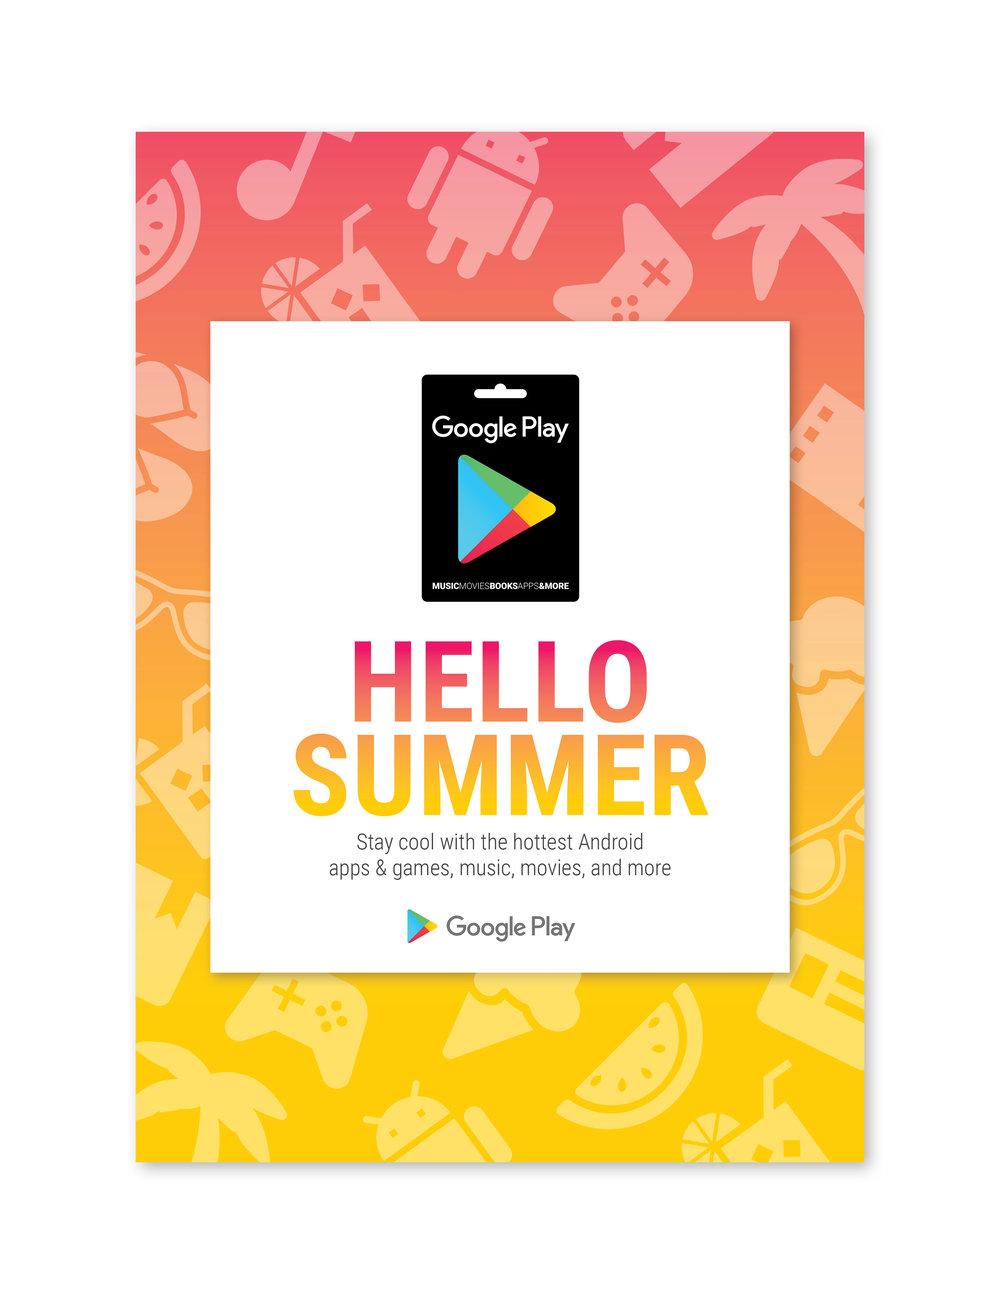 MissVu_Portfolio_GP-Summer_2017_.jpg